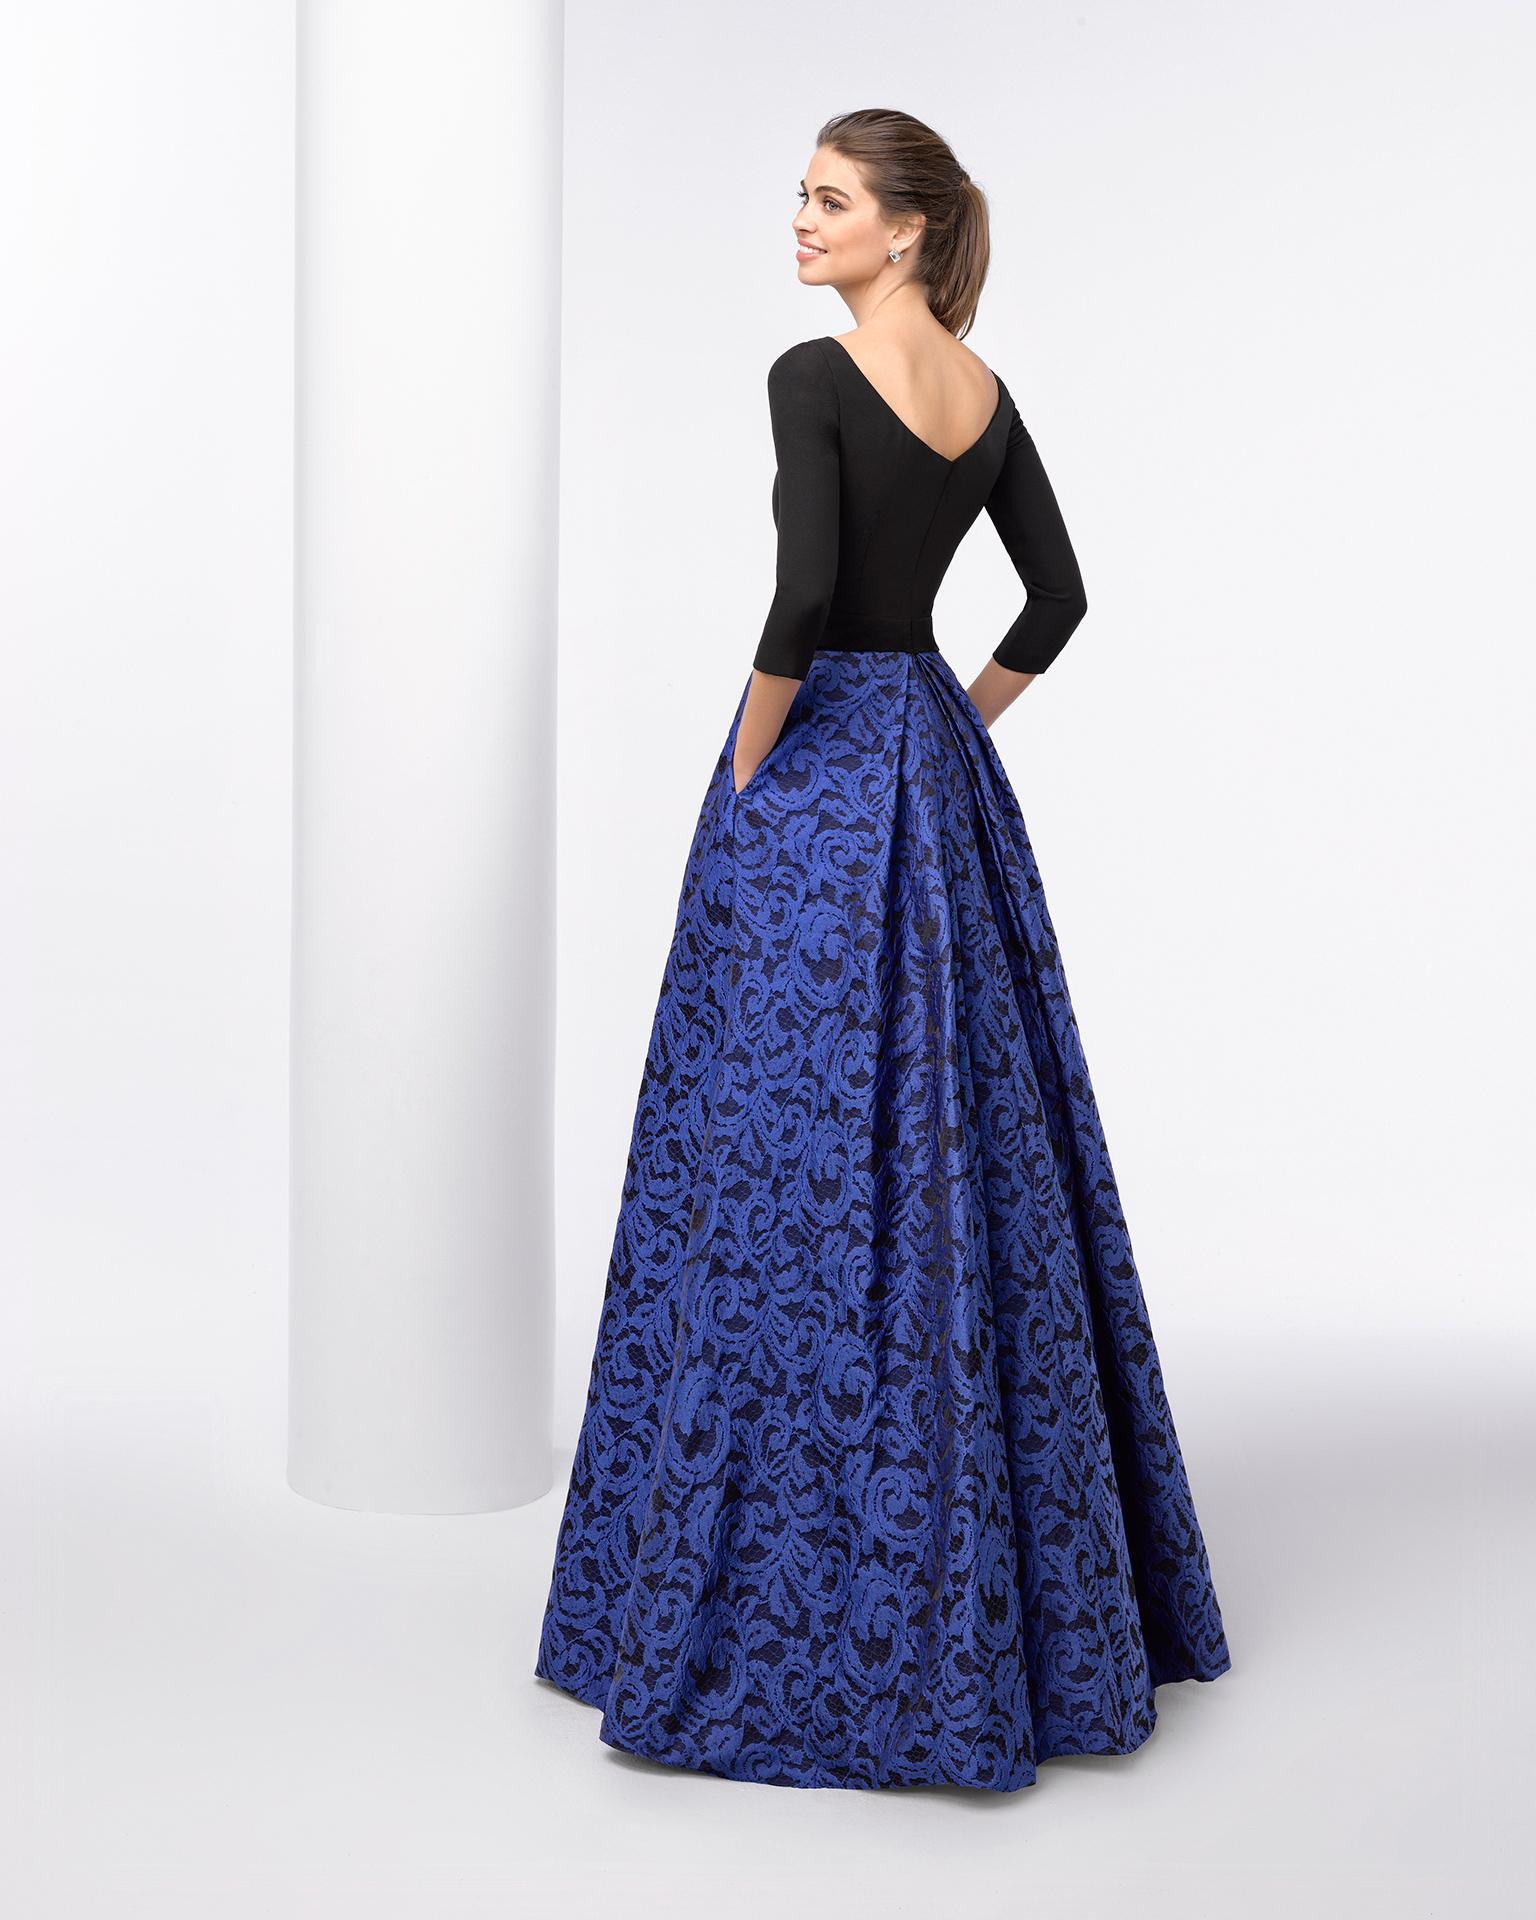 Rochie de cocktail lungă cu corsaj rigid, mânecă trei sferturi și fustă plină structurată din brocart cu despicătură în față. Disponibilă în culoarea cobalt/negru. Colecția FIESTA AIRE BARCELONA 2018.